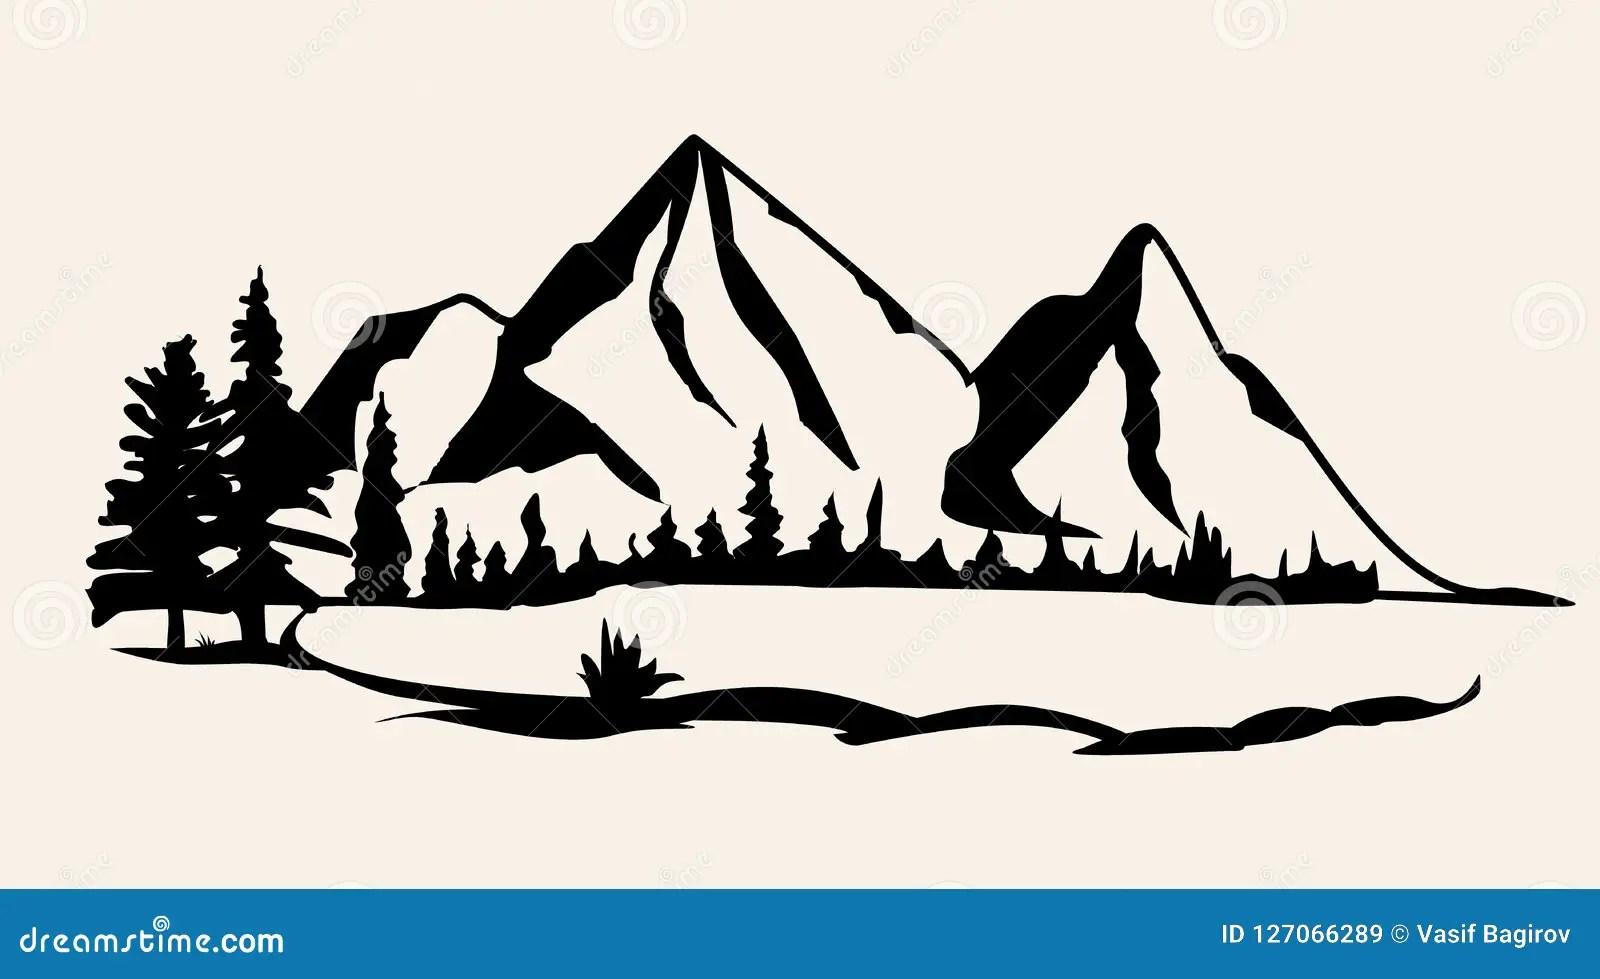 mountains vector mountain range